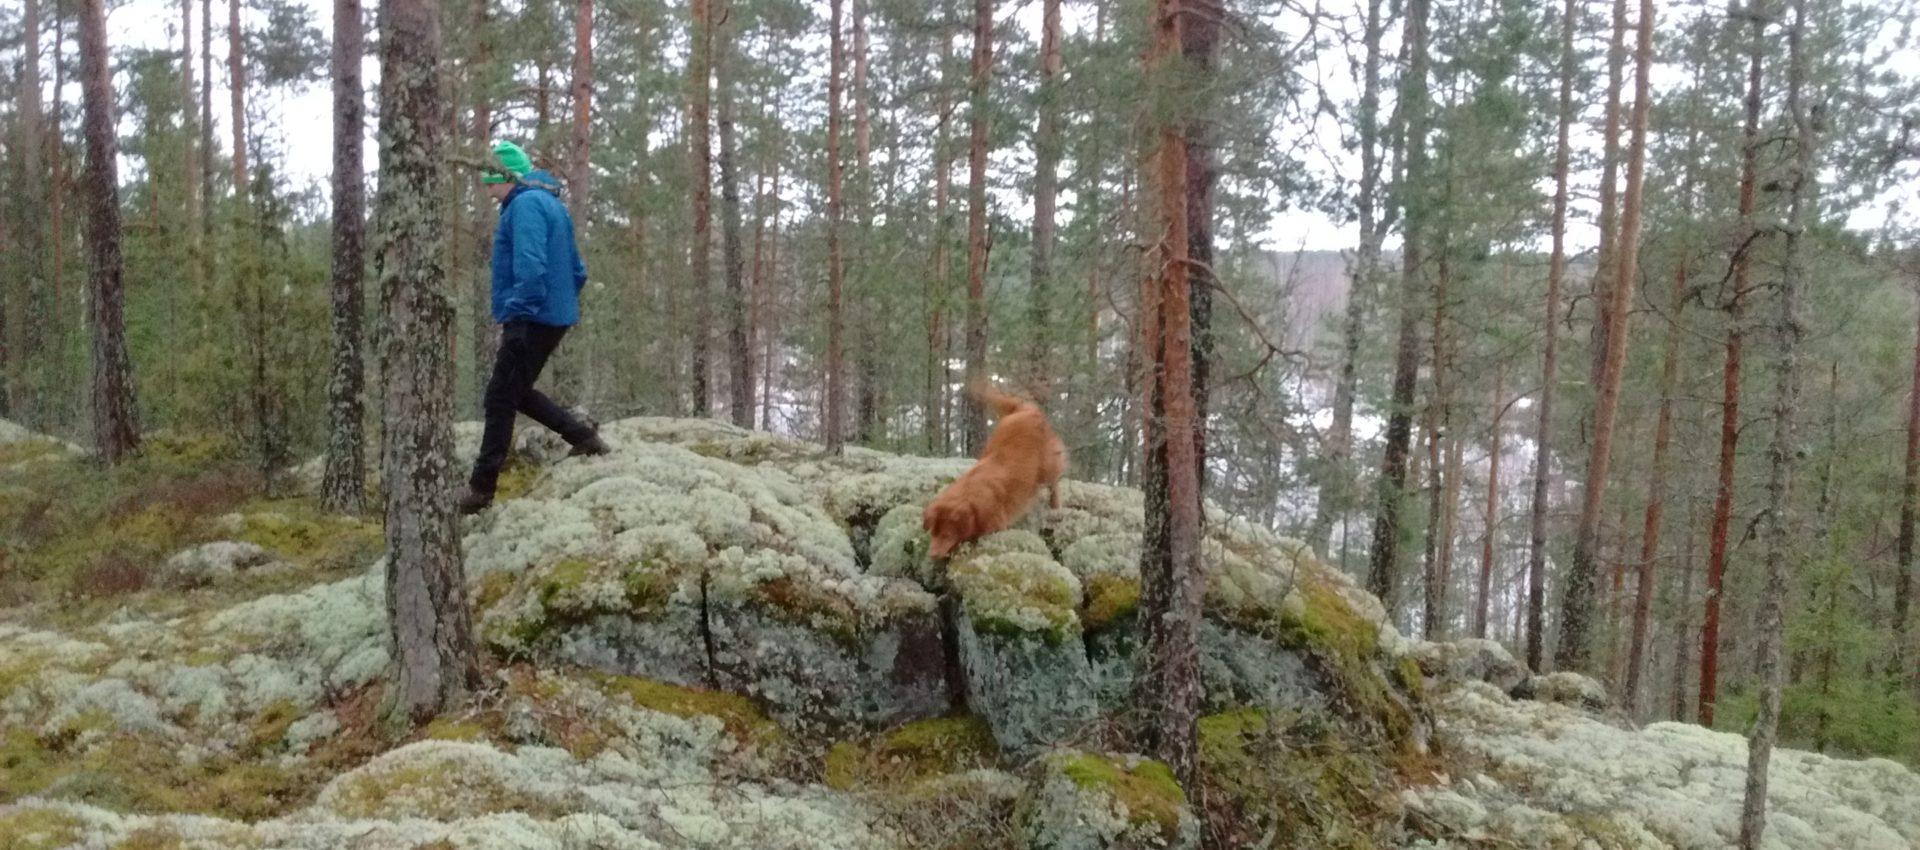 Luontolahja 100-vuotiaalle Suomelle - XAMK 33b7614aff